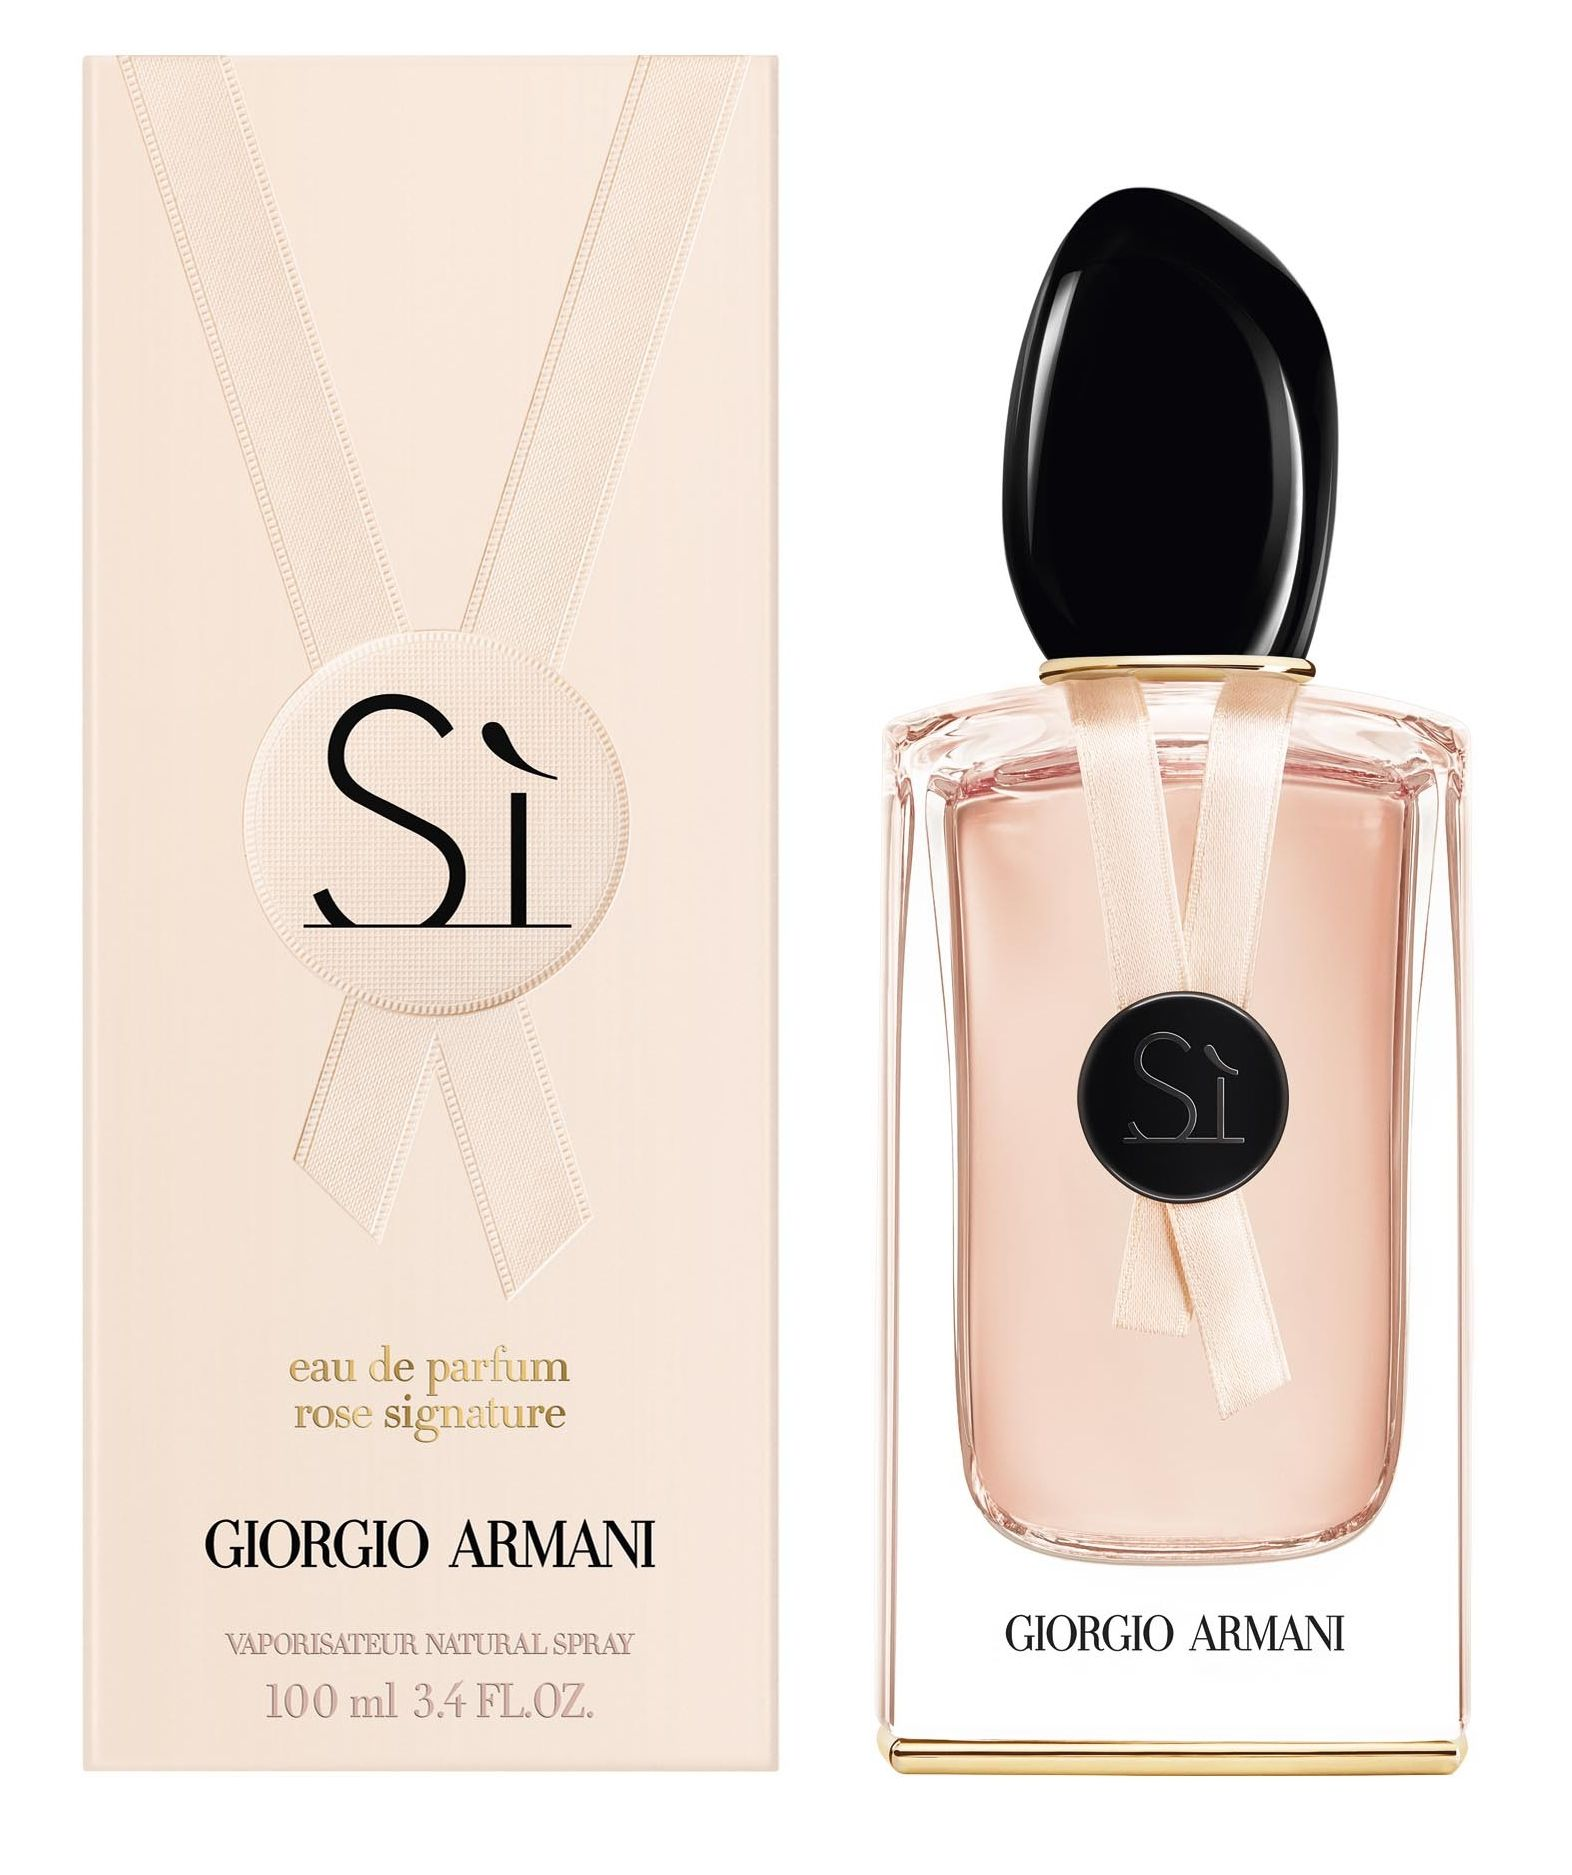 a0715c820995 Si Rose Signature II Eau de Parfum Giorgio Armani za žene Slike ...